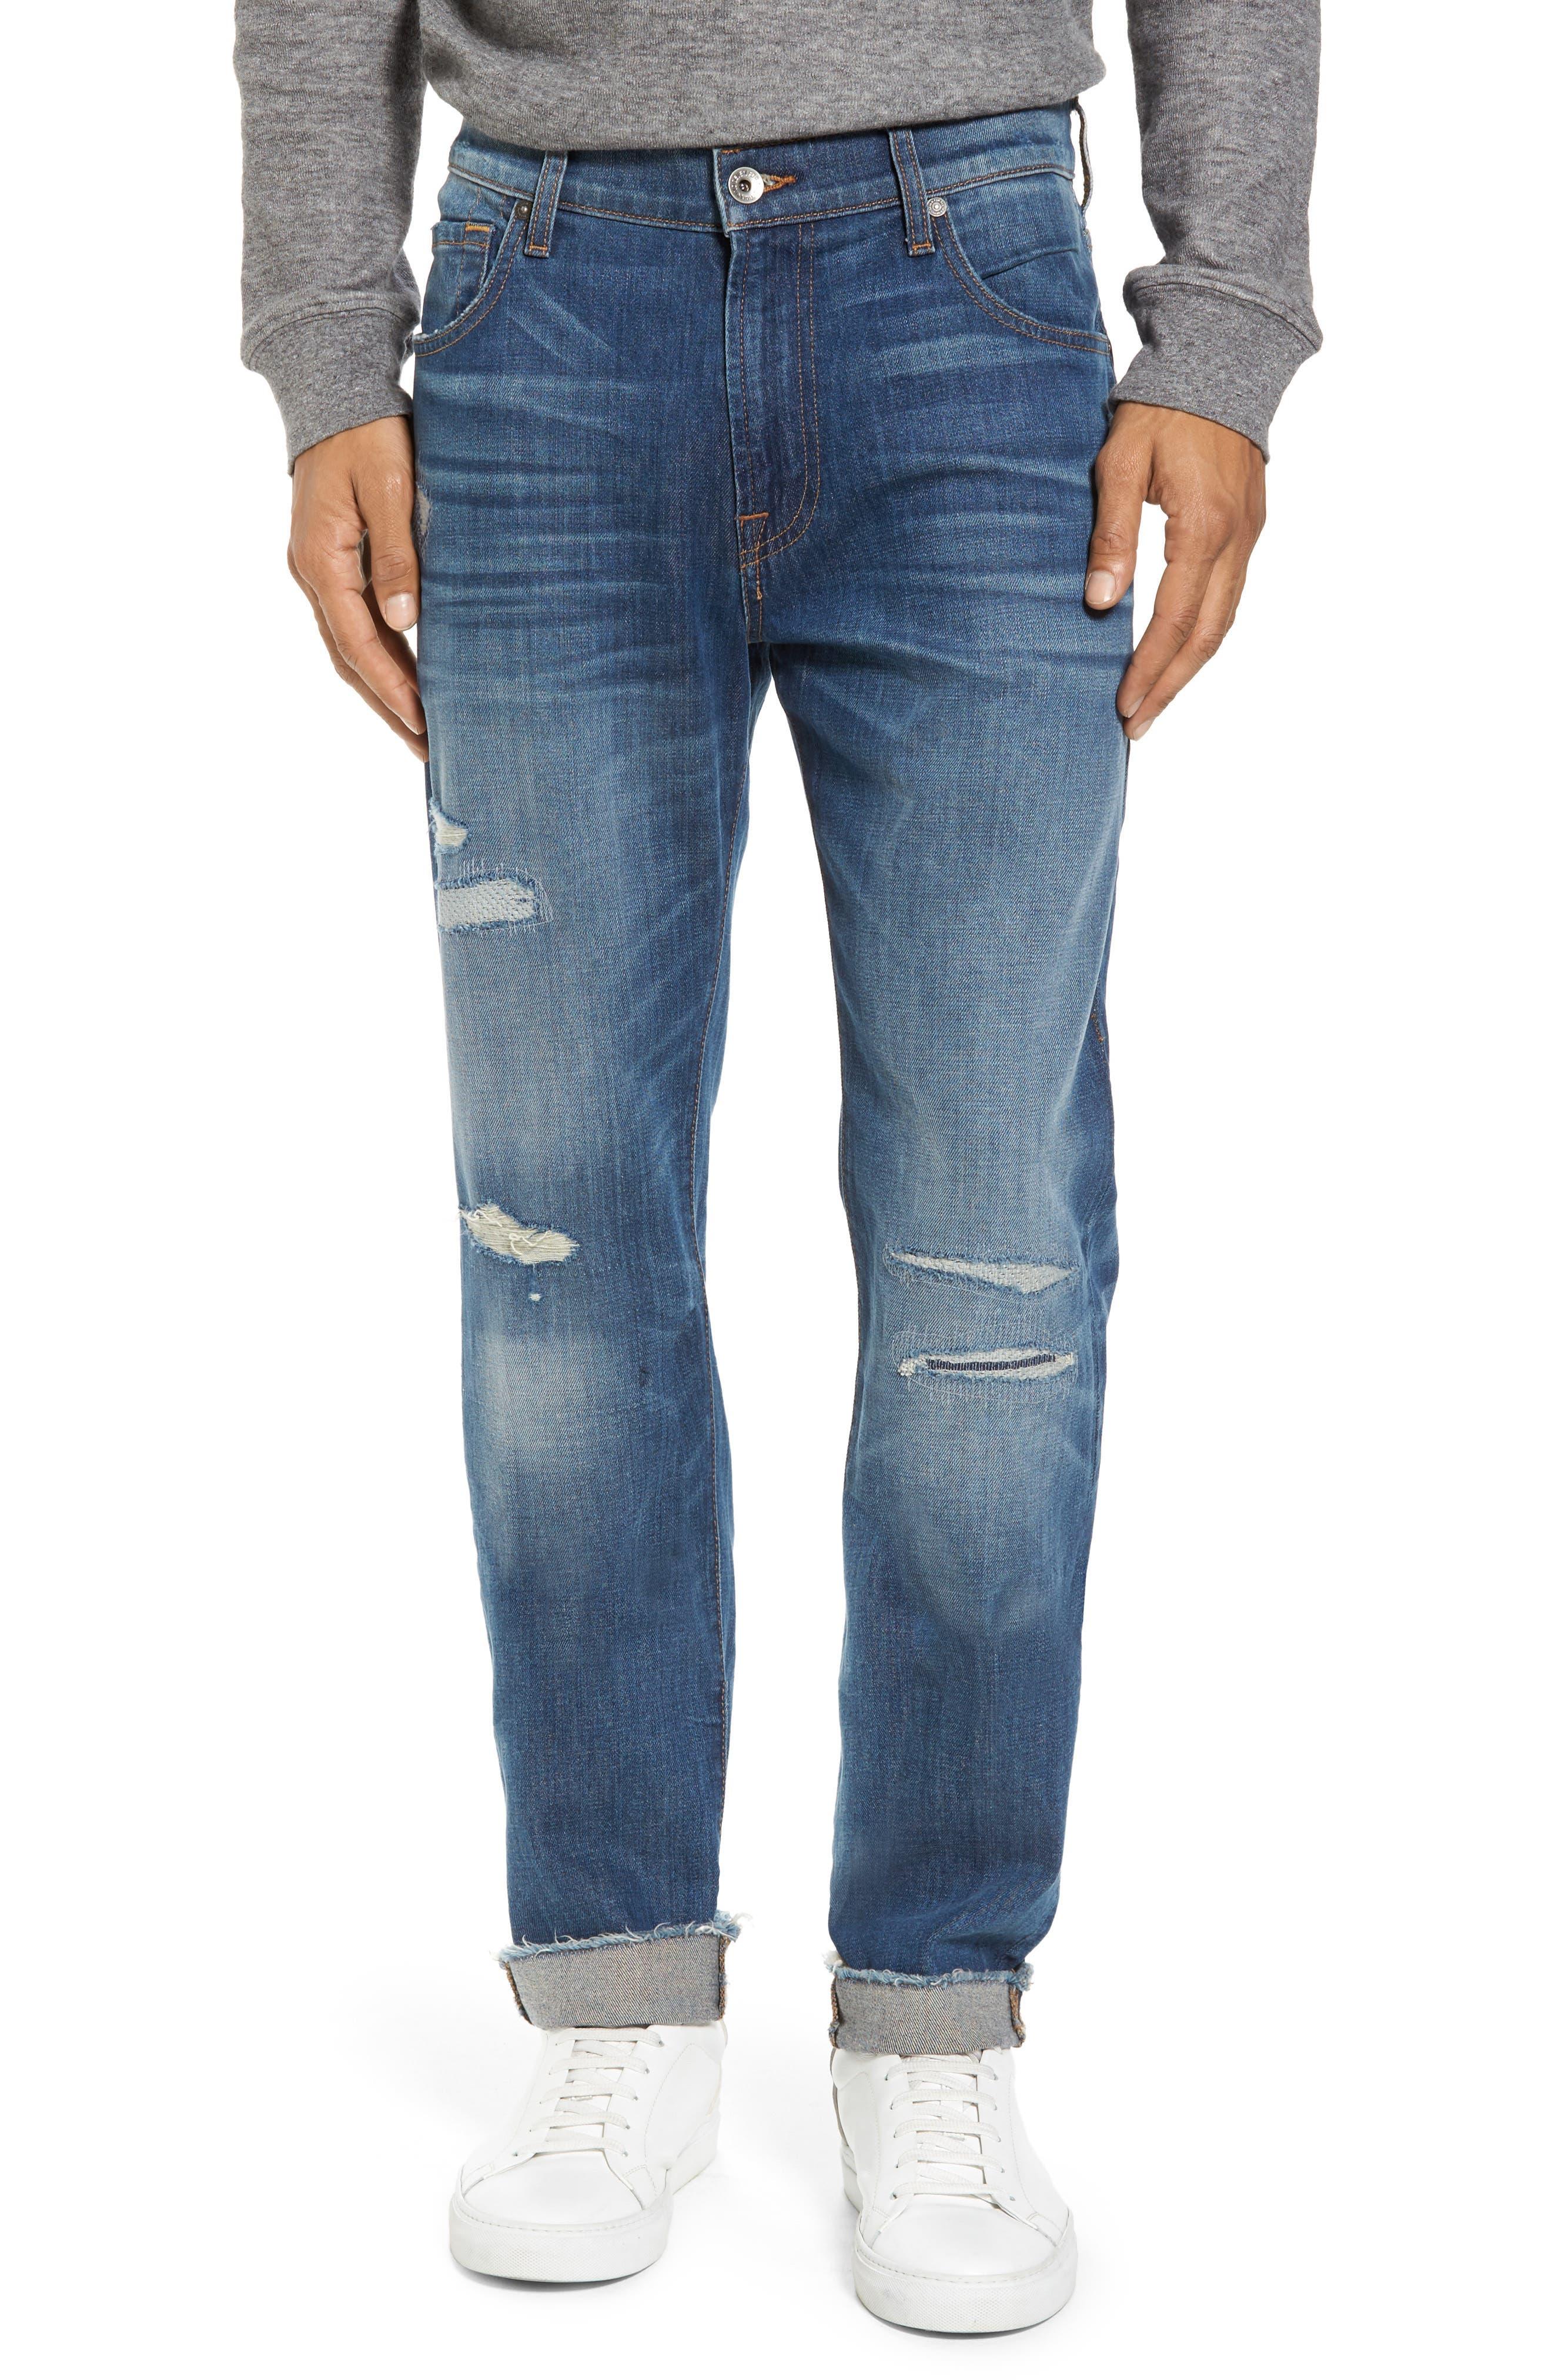 Adrien Slim Fit Jeans,                             Main thumbnail 1, color,                             403